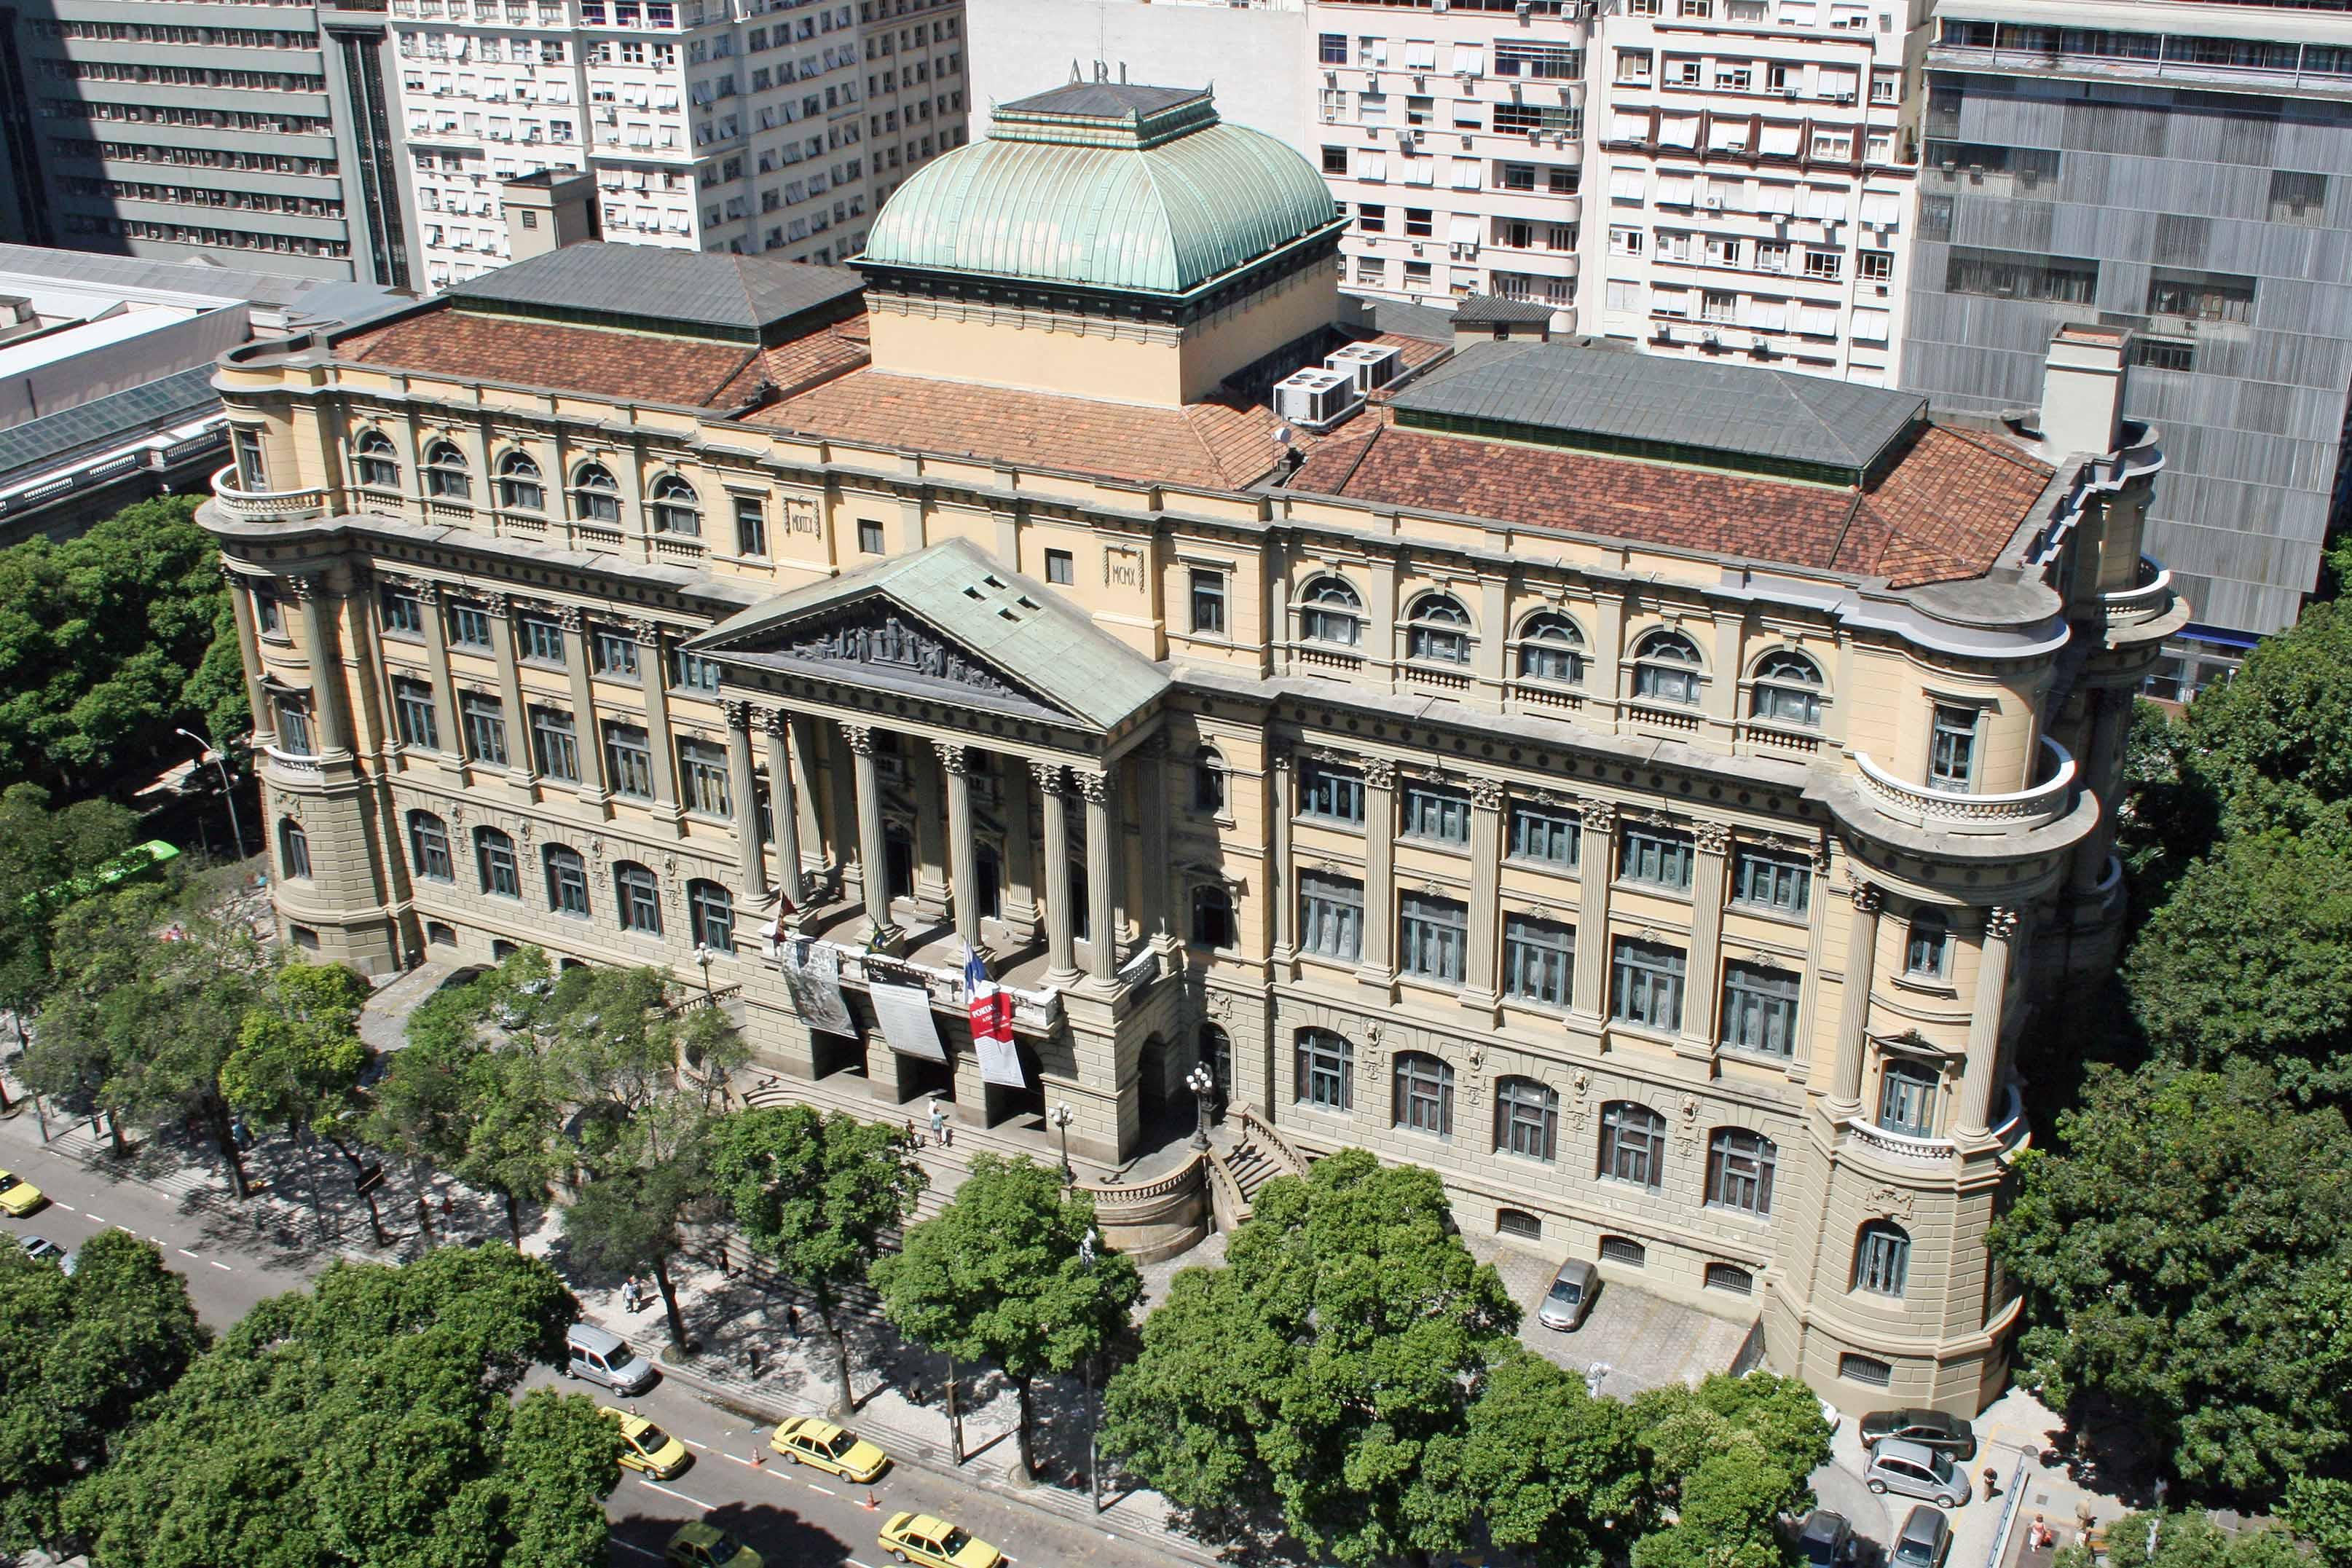 Nacional: Biblioteca Nacional Do Brasil